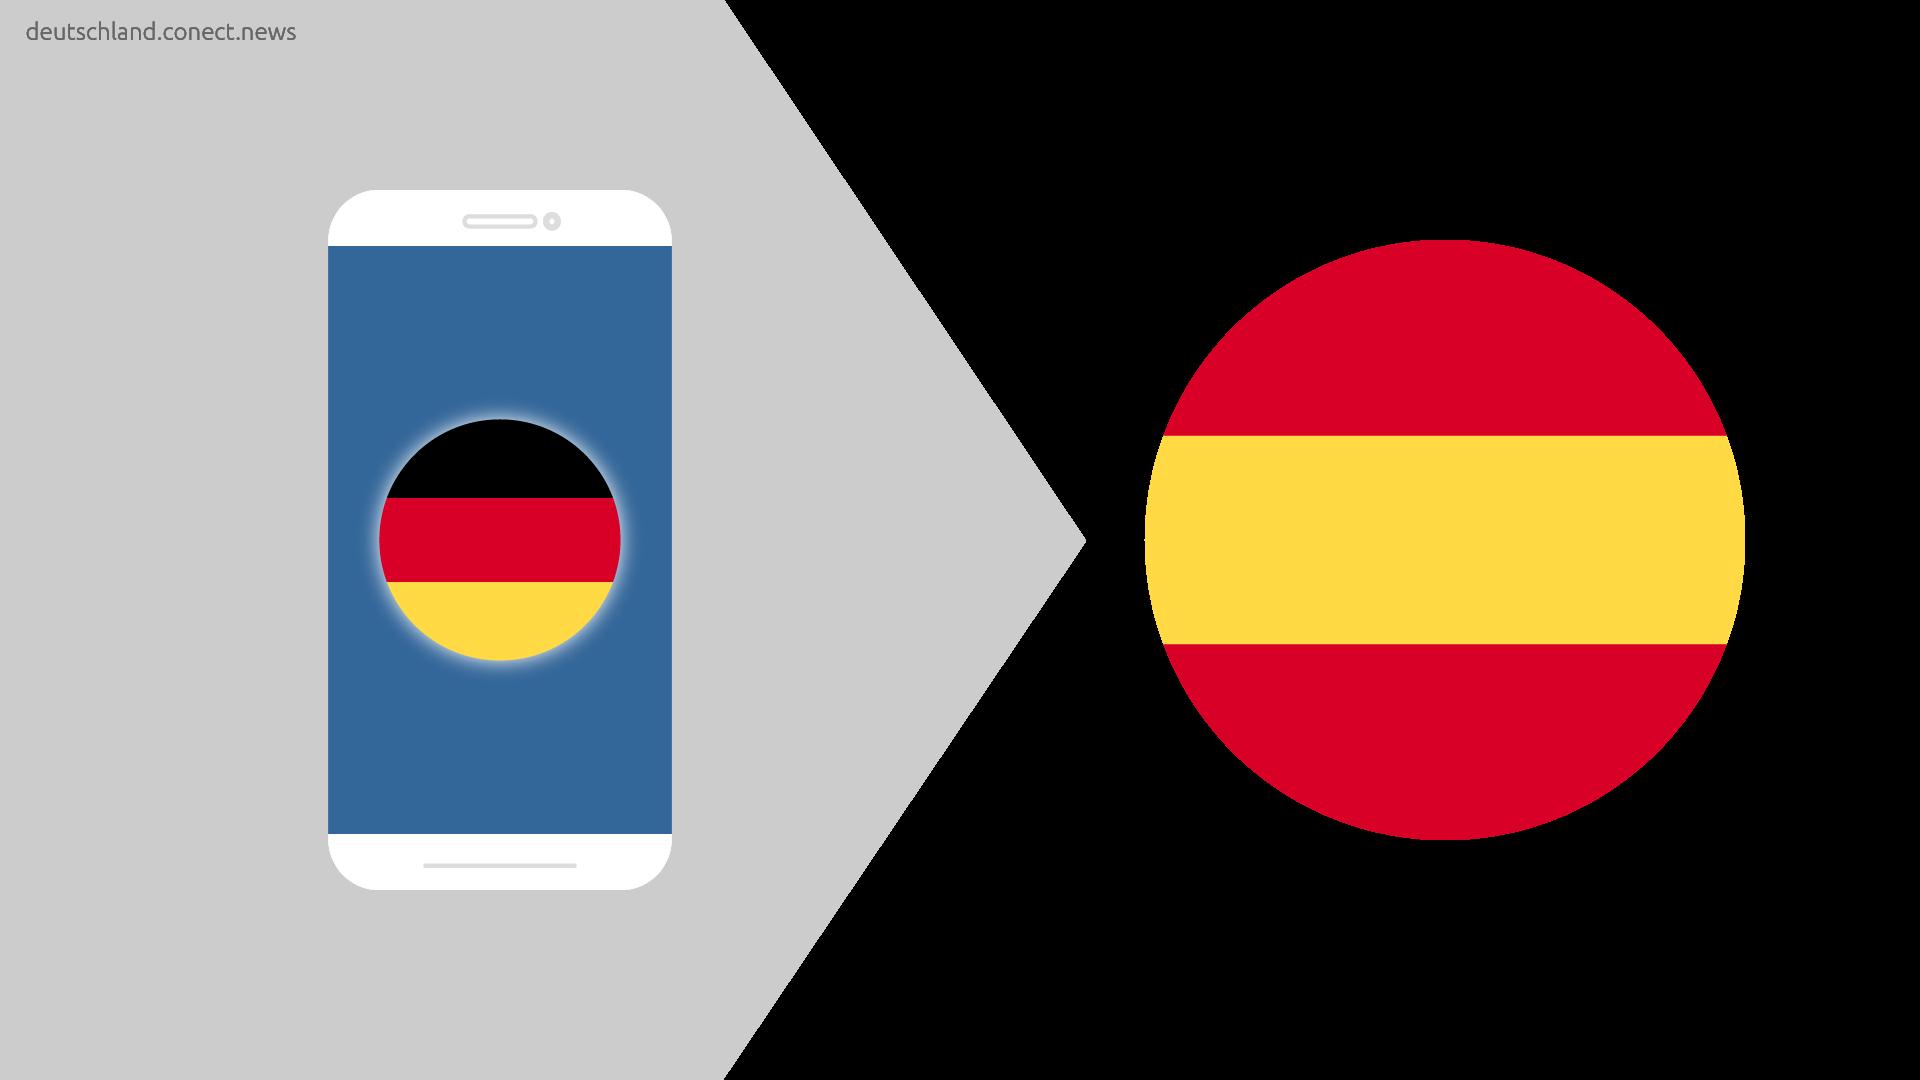 Günstiger von Deutschland nach Spanien @conetc_news